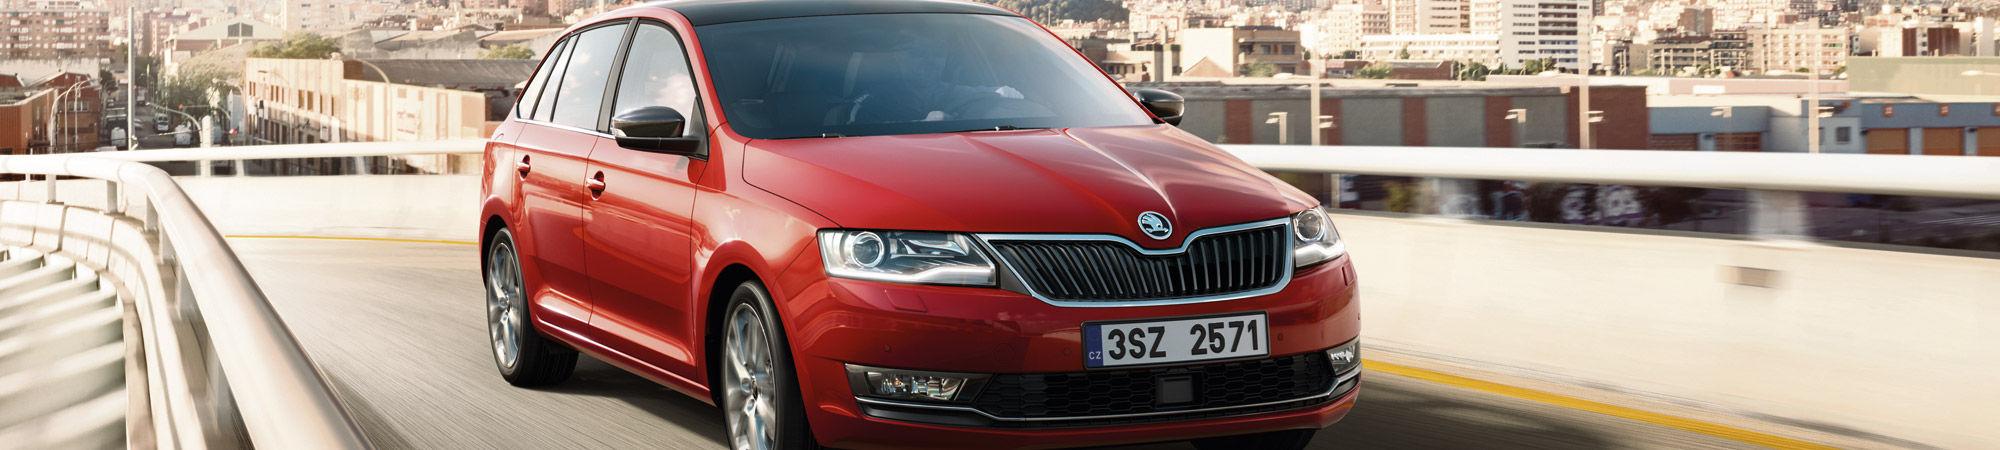 Škoda Rapid tarjoaa isosti tilaa ja tyyliä